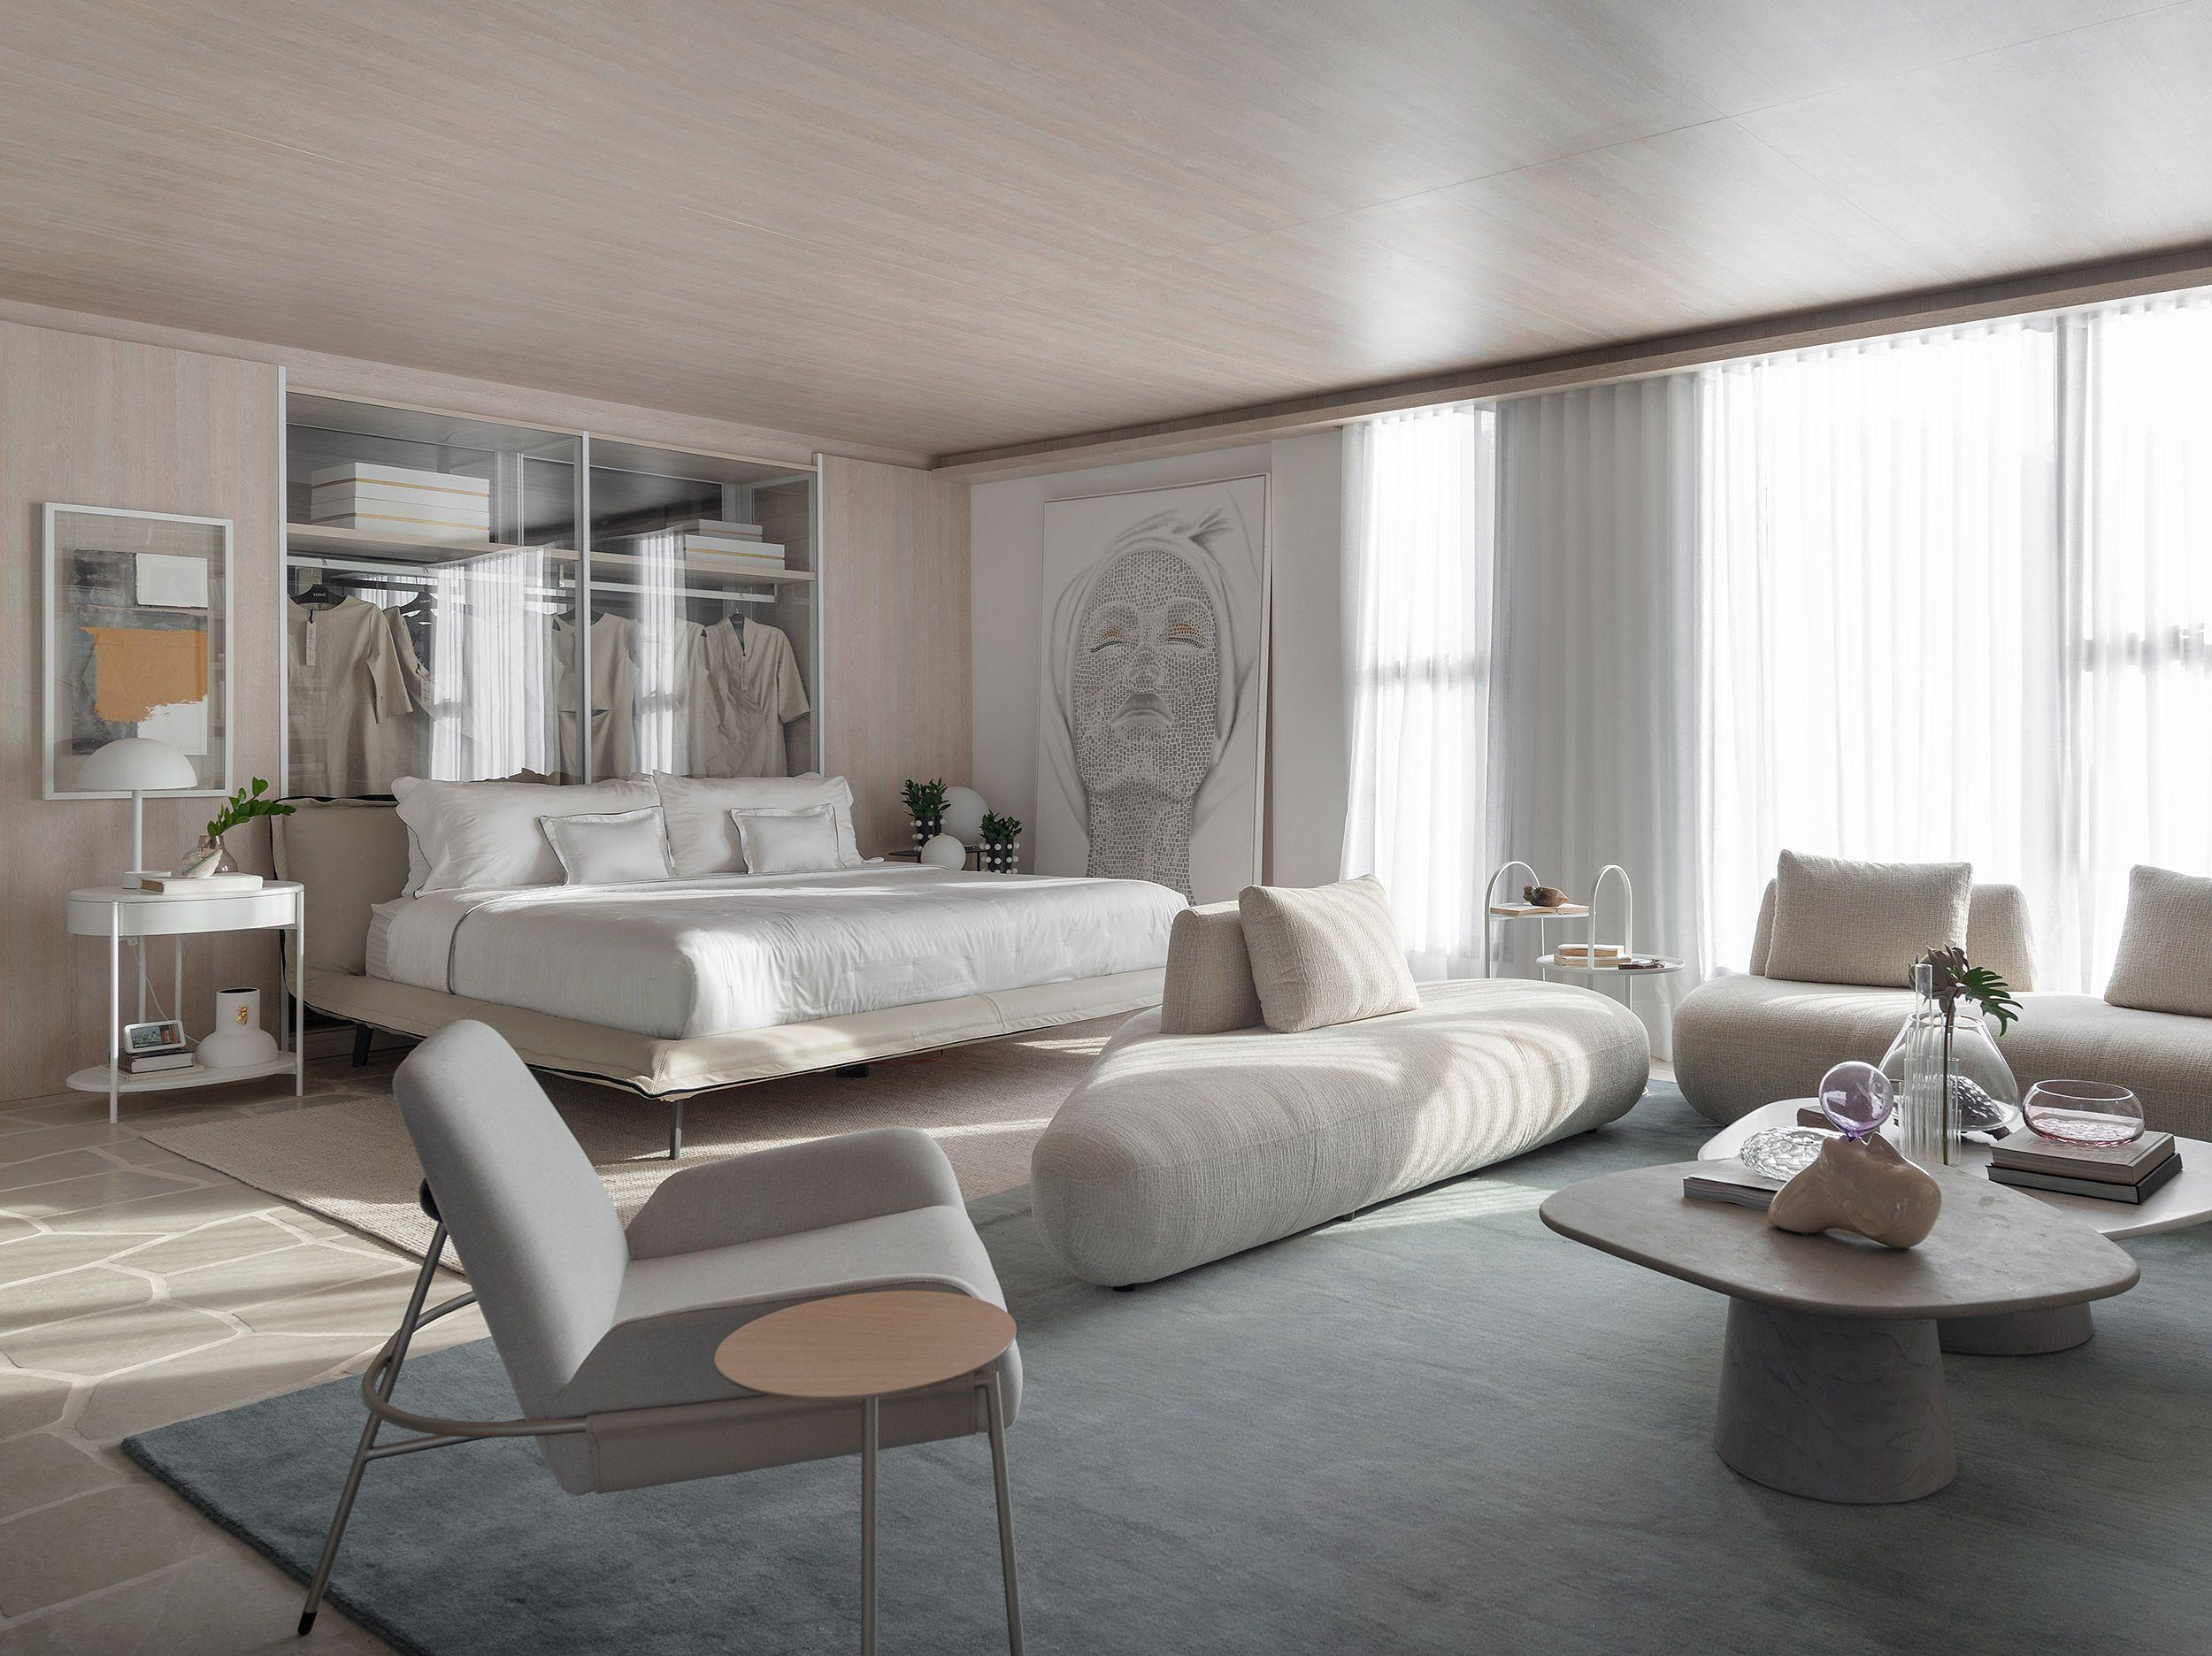 Sala de estar com tons cinza